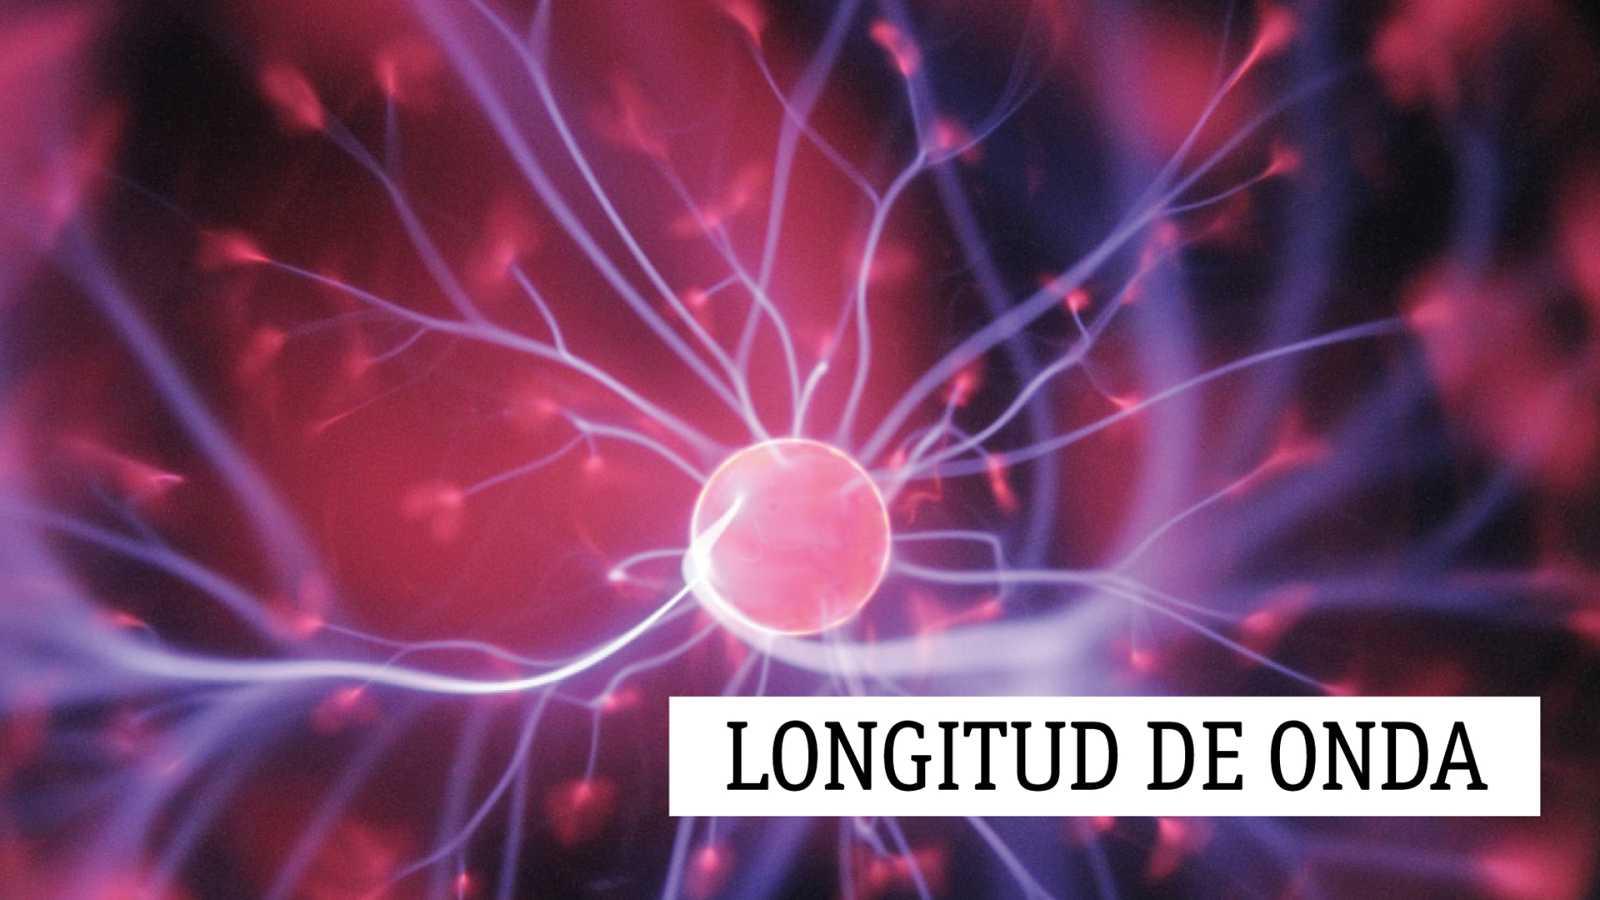 Longitud de onda - Epigenética o los gemelos no son iguales - 07/04/21 - escuchar ahora